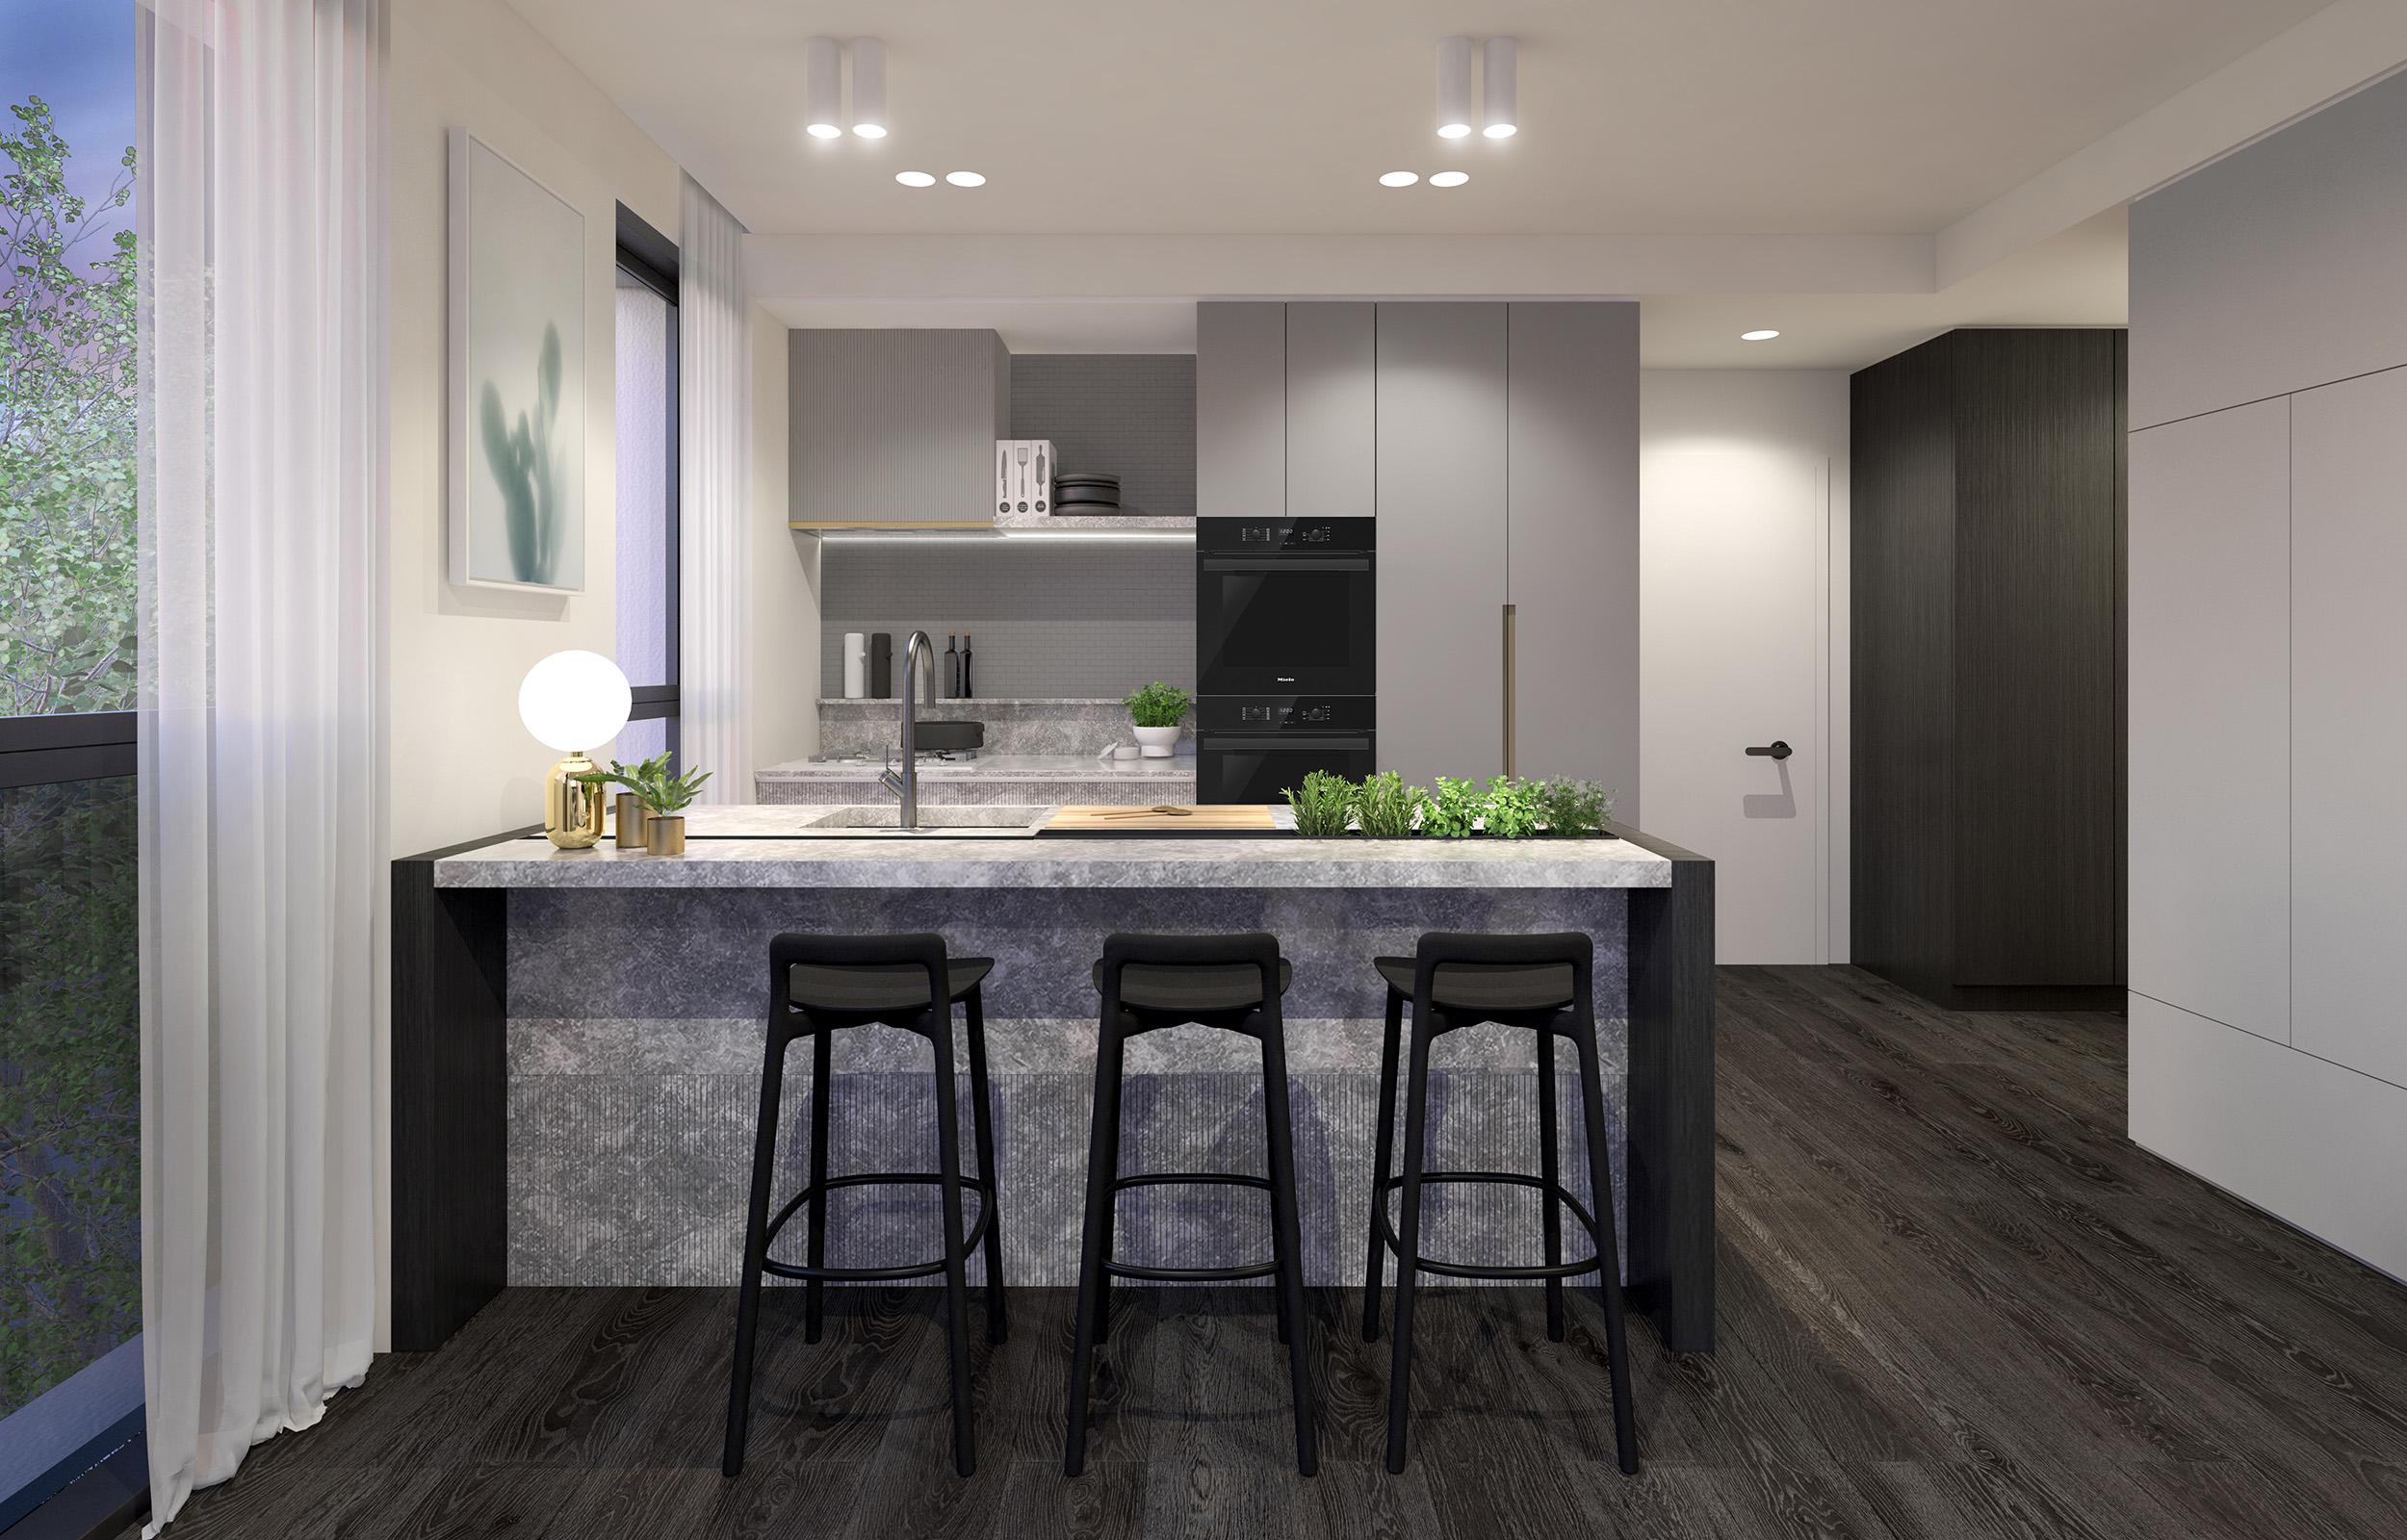 Well St - Apartment 4 - Kitchen - Dark Scheme MR.jpg